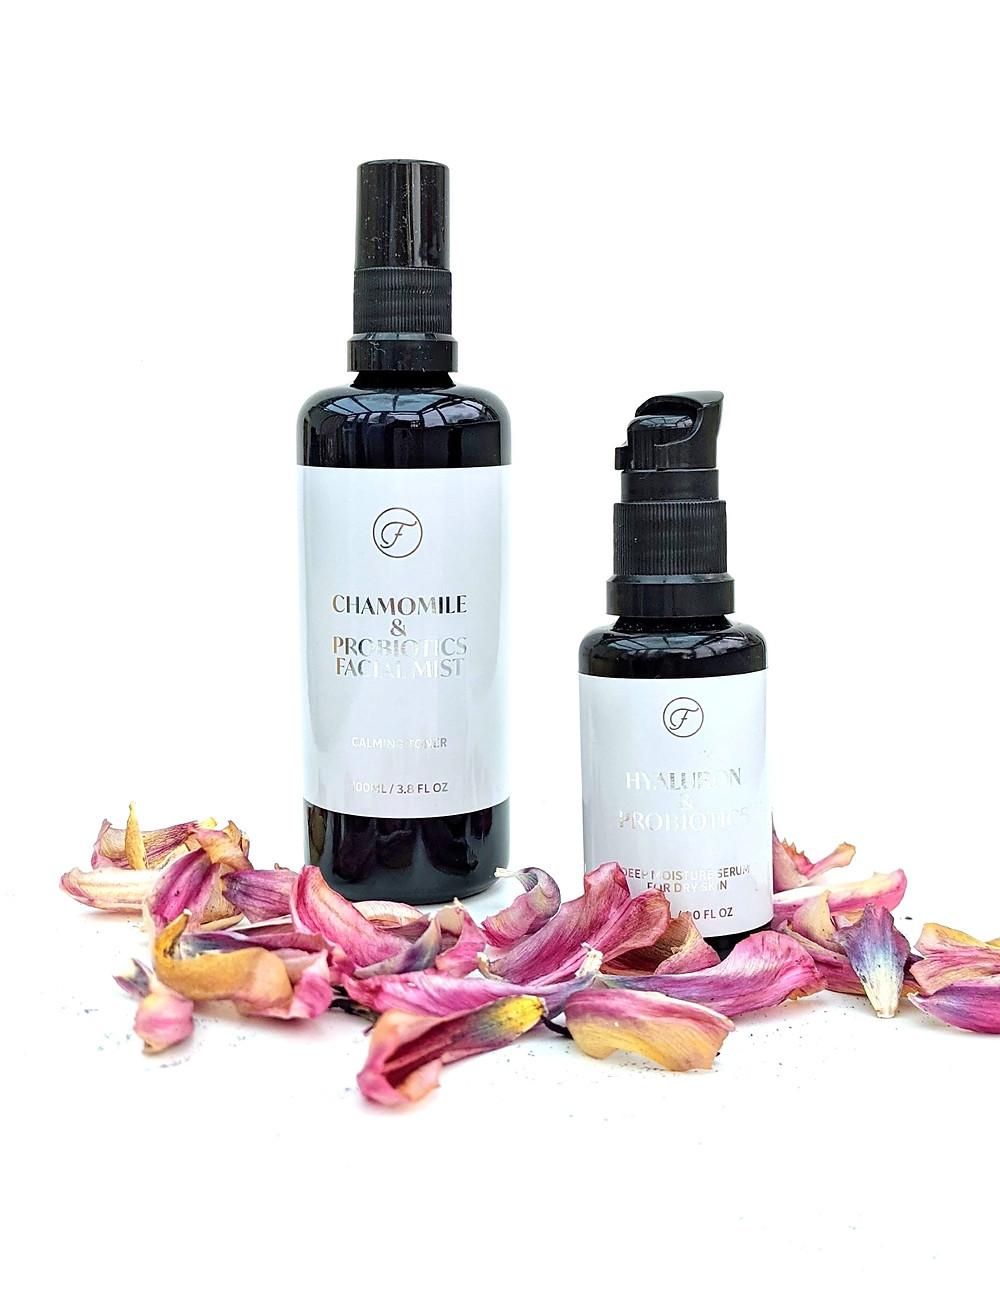 Koti Lifestyle | probiotics in skincare, flow cosmetics mist and serum